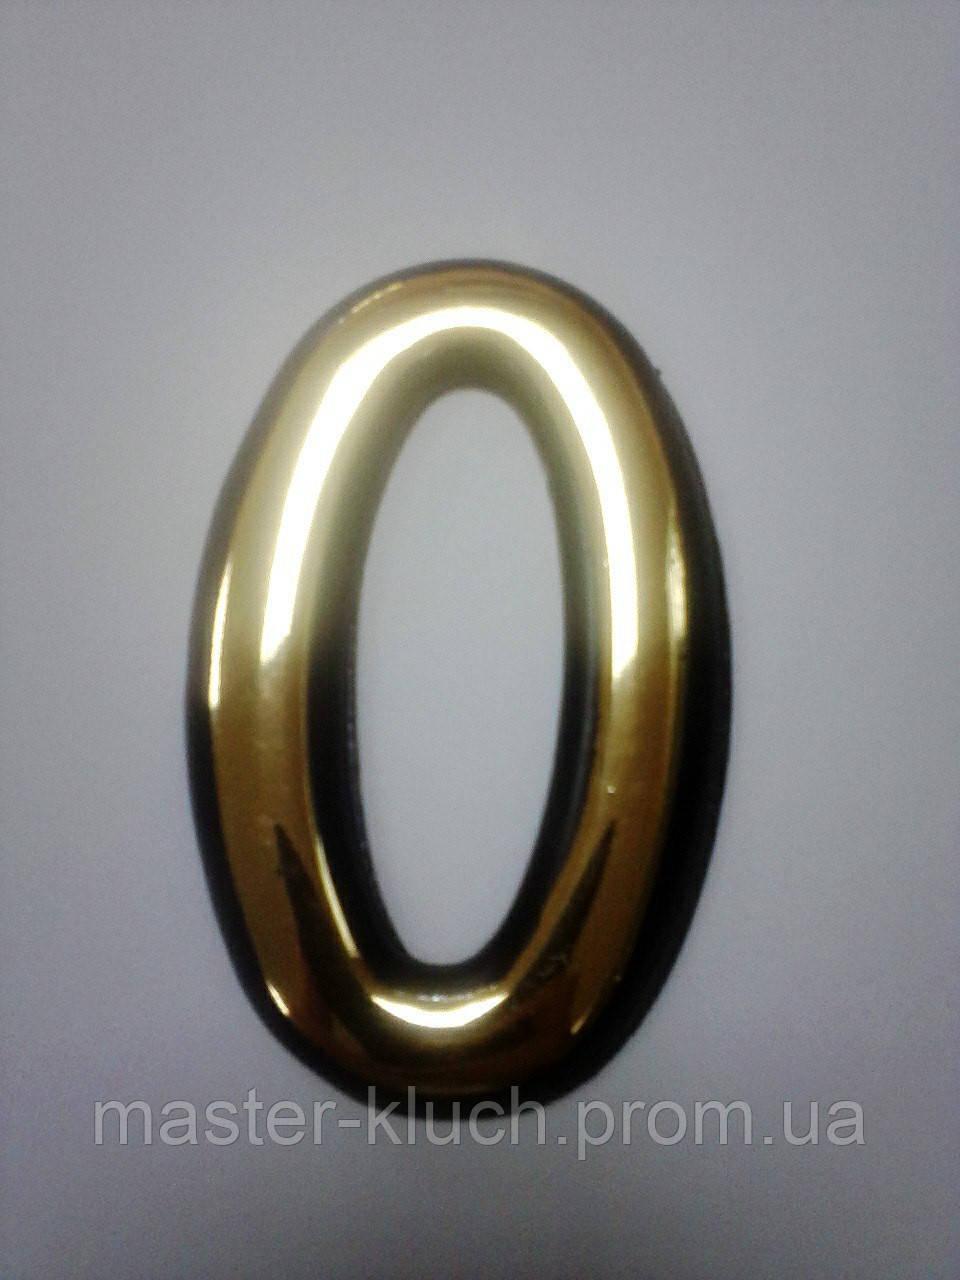 """Номерок для дверей """"0"""" (10 см)."""